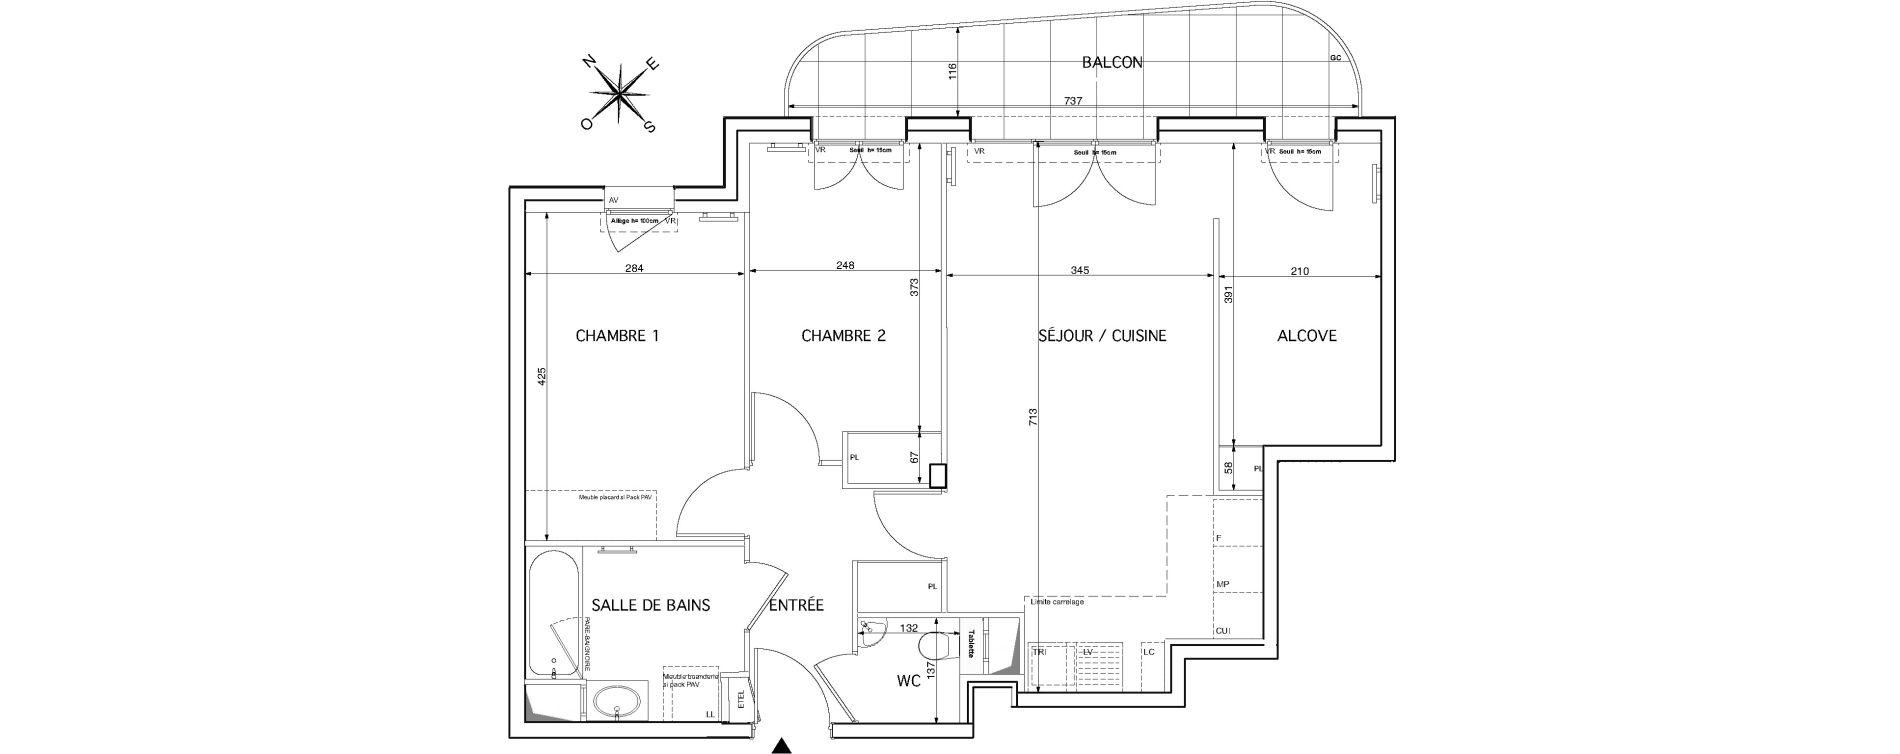 Appartement T3 de 69,21 m2 à Rueil-Malmaison Le mont-valérien